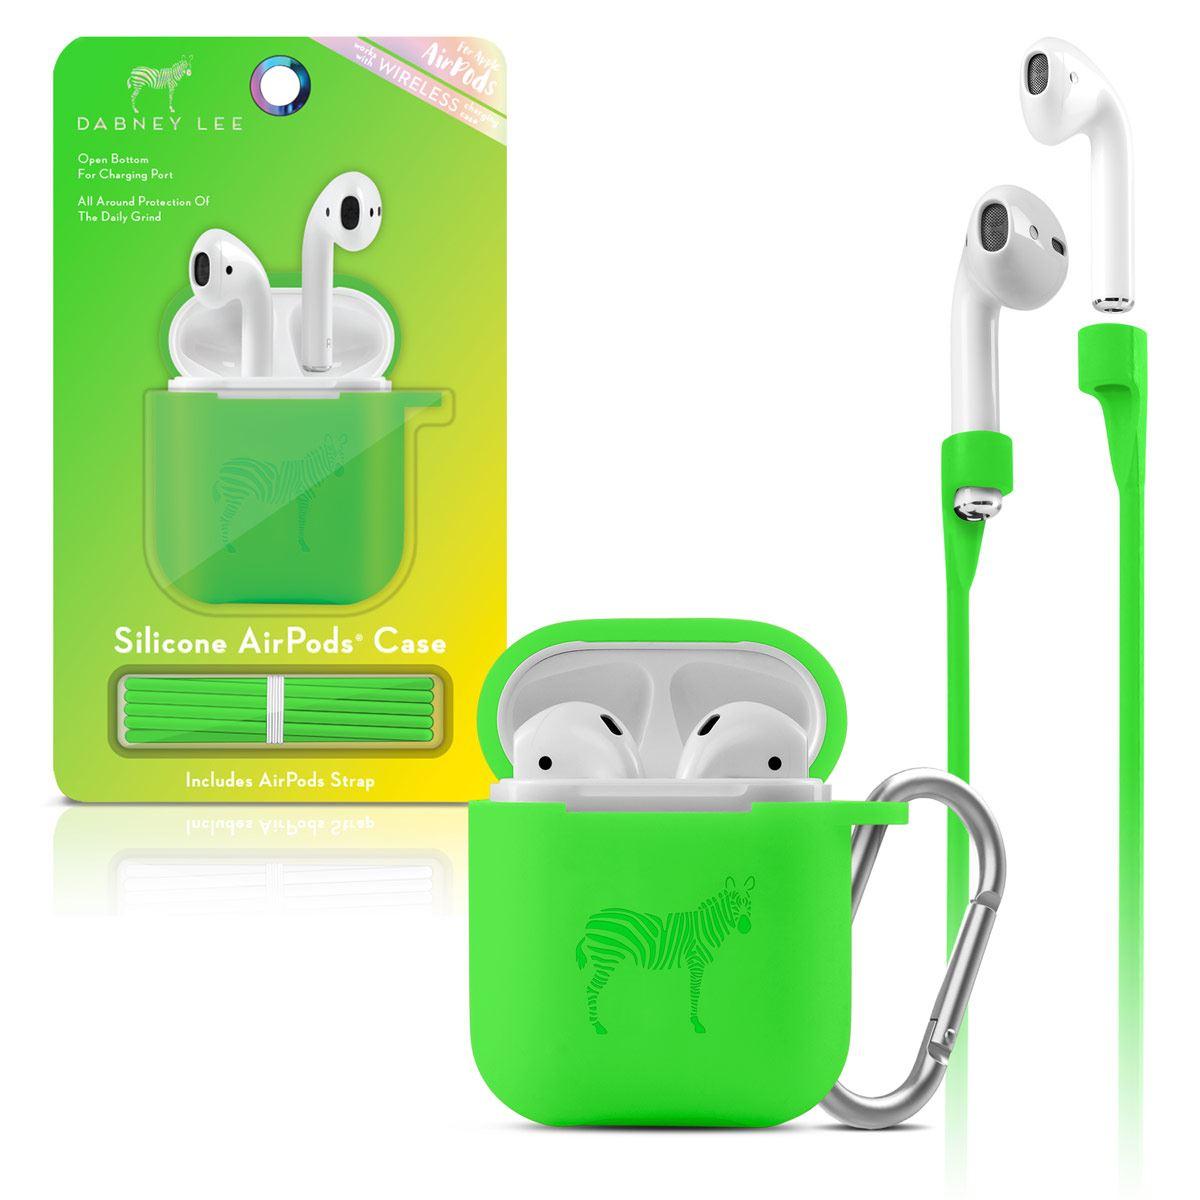 Funda Silicon Airpods Verde Neon